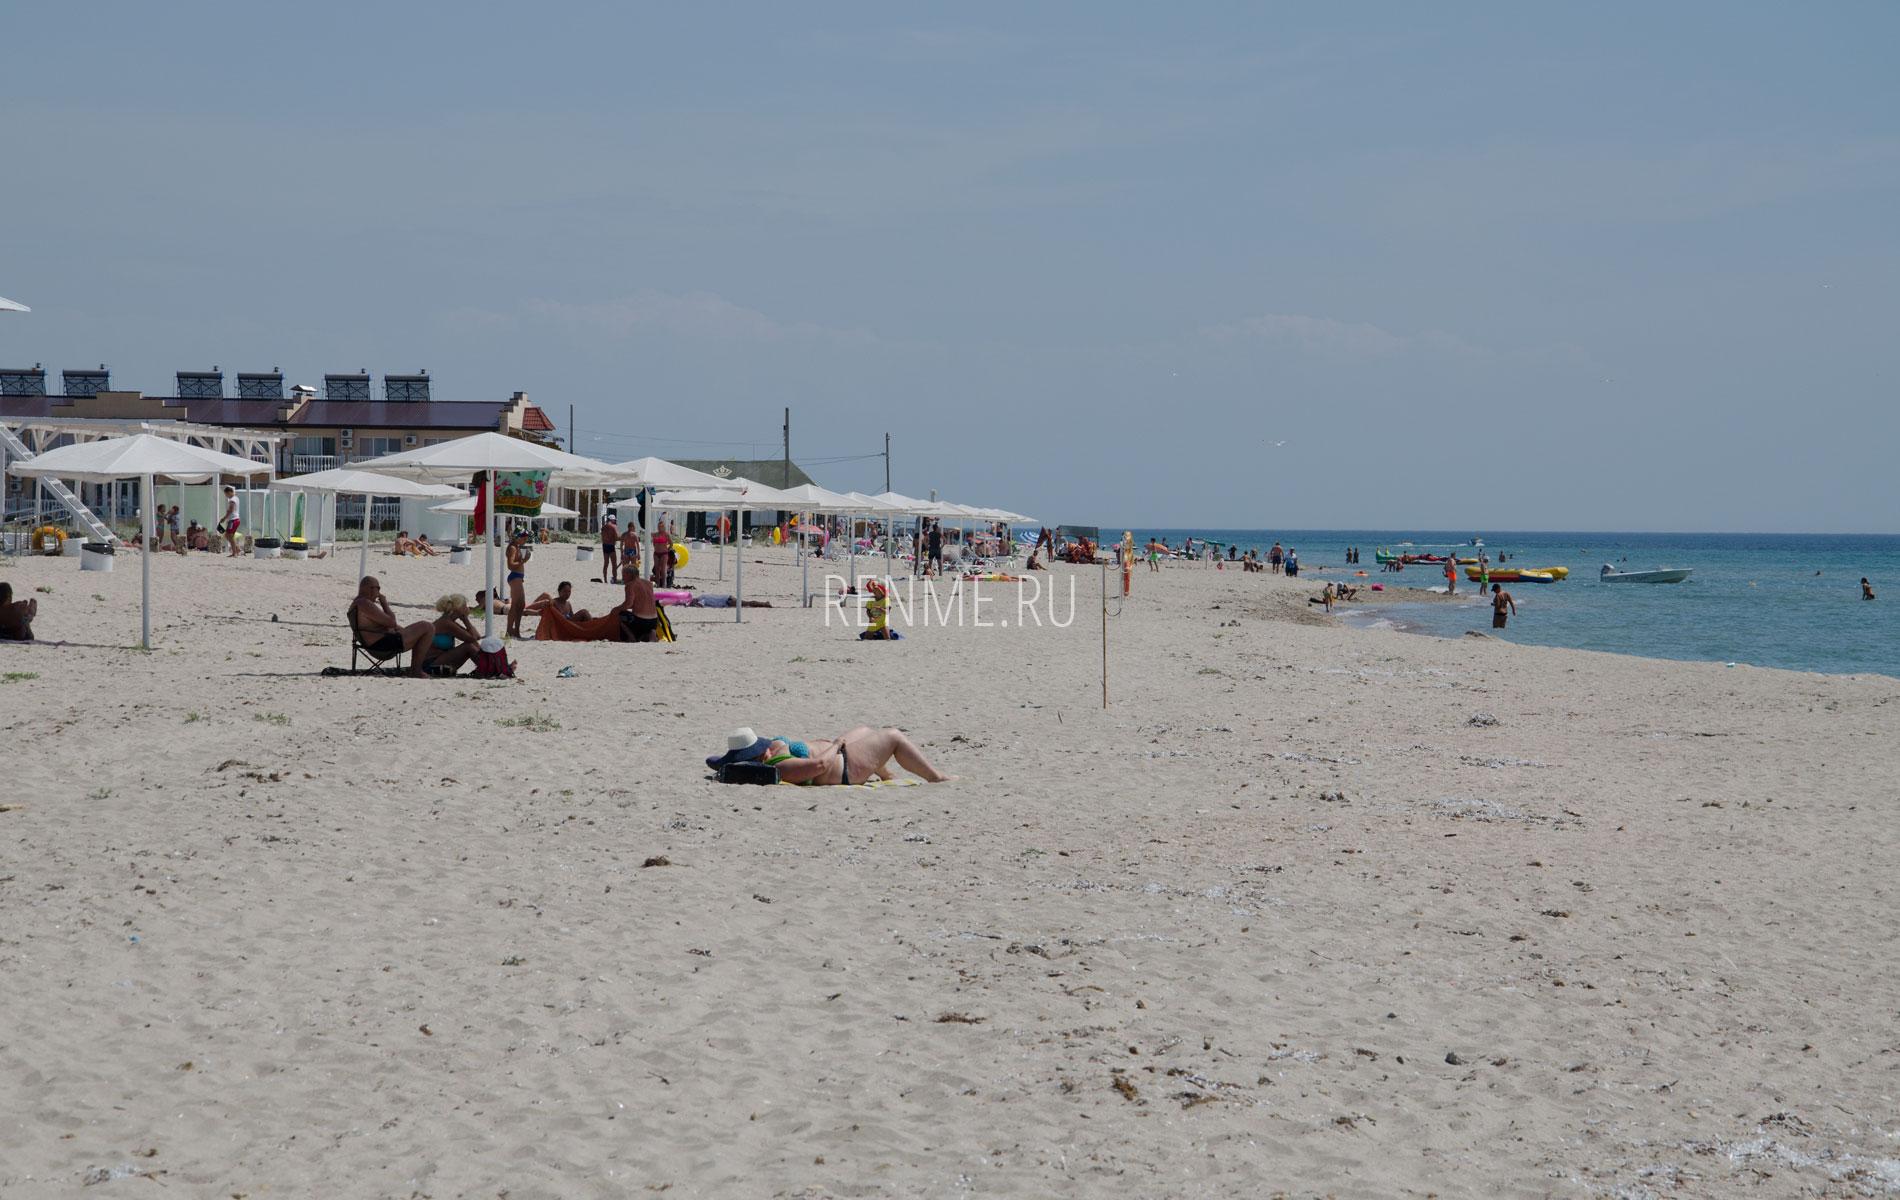 Пляж с удобствами в Штормовом летом 2019. Фото Штормового